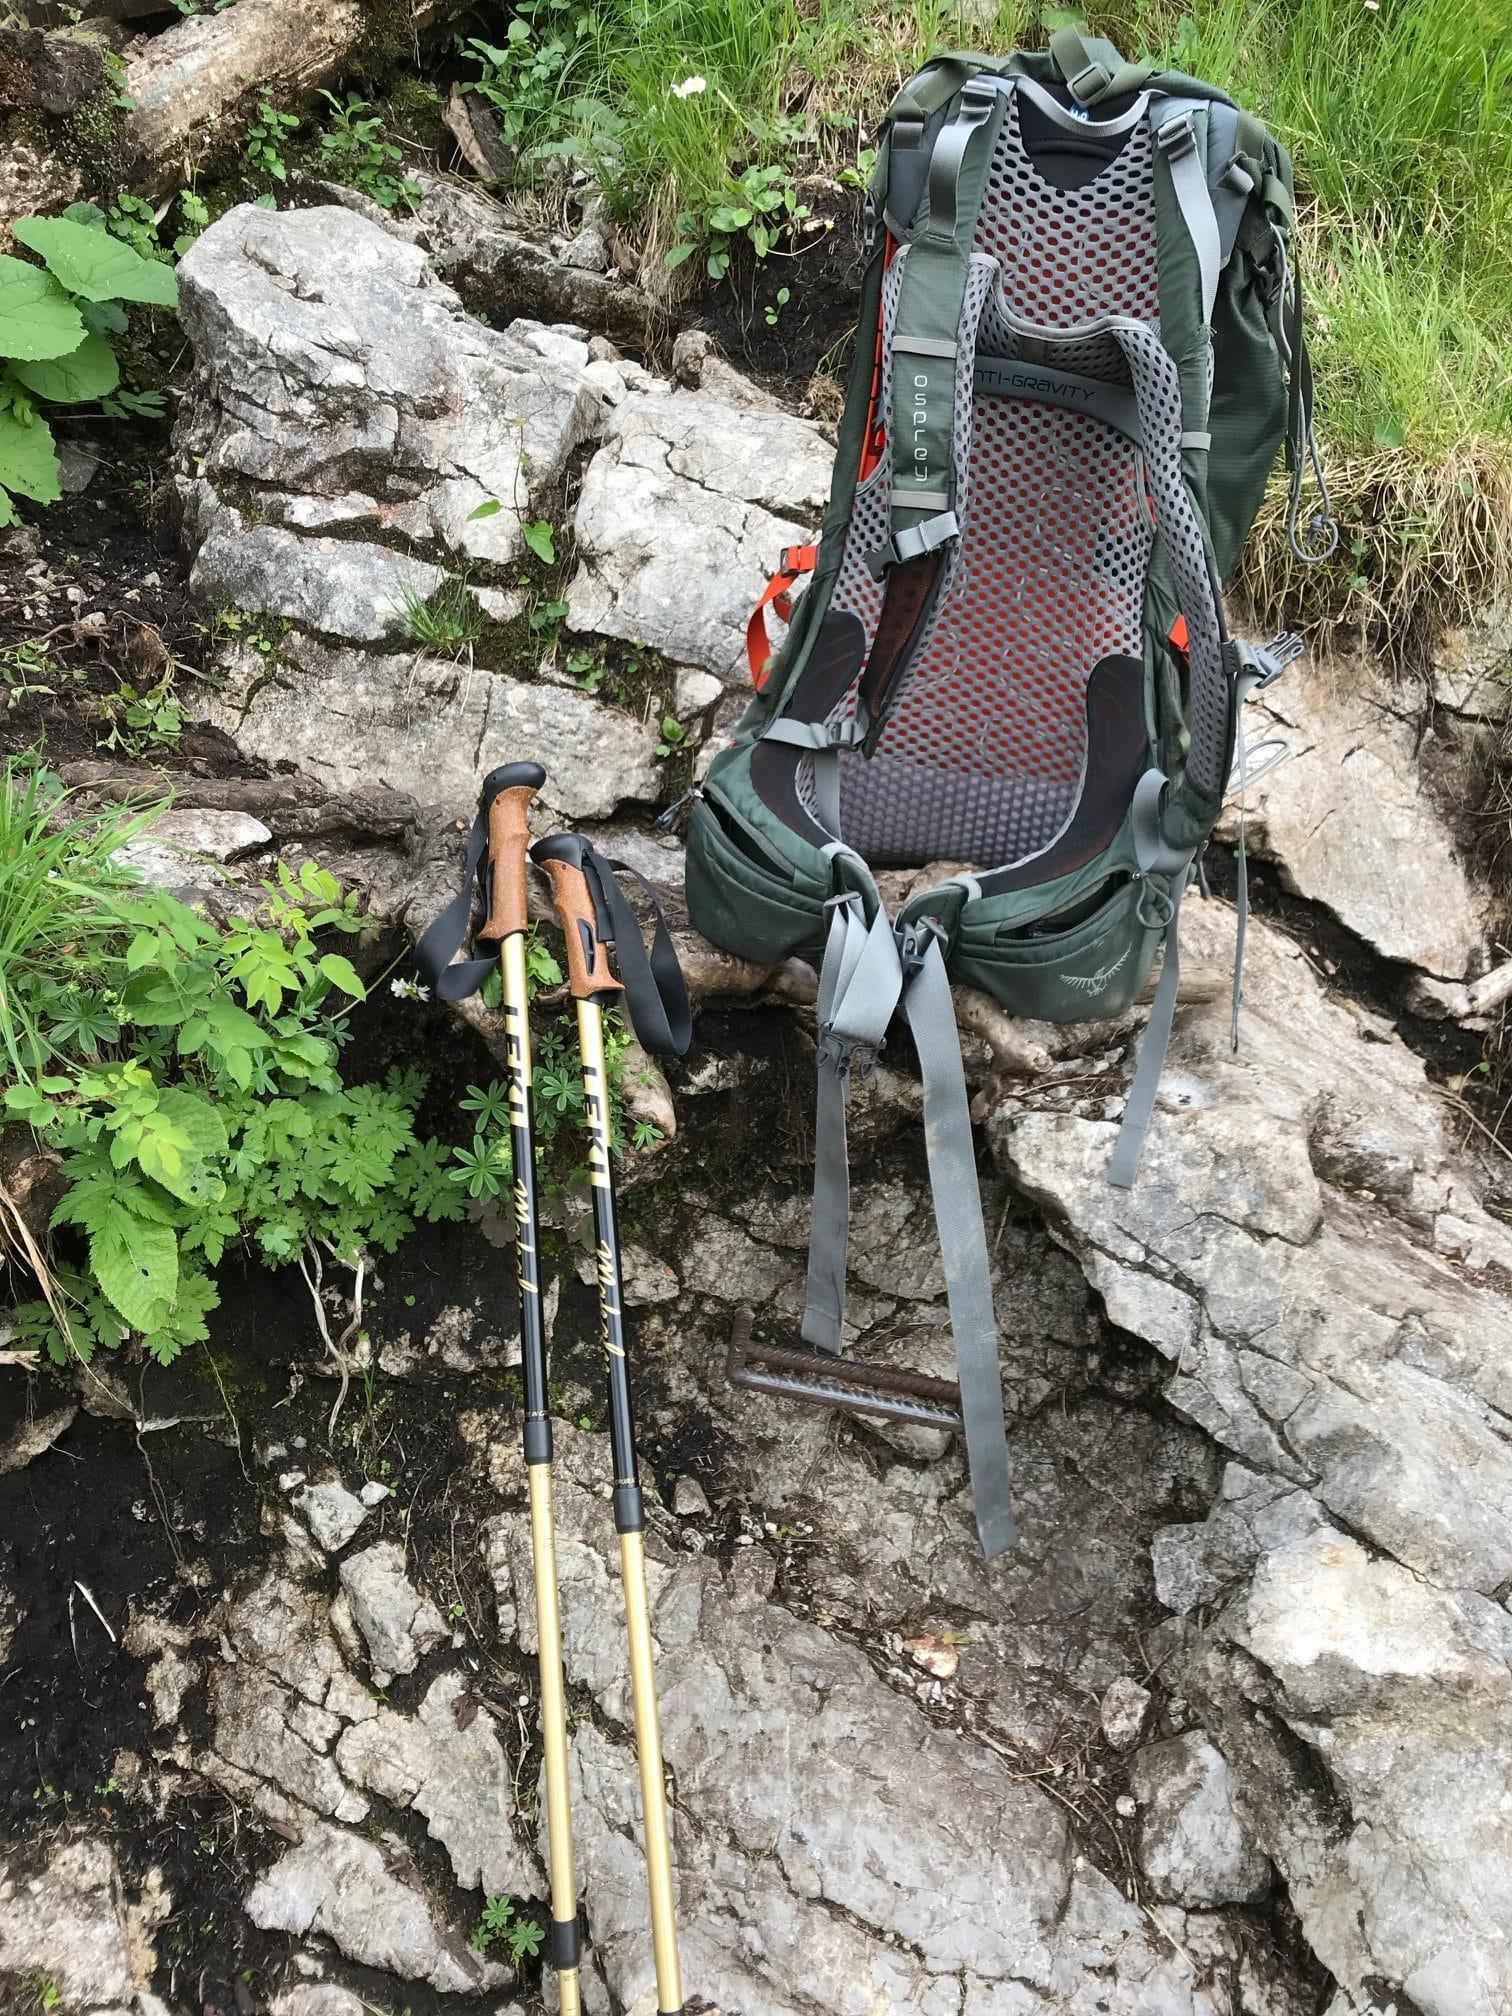 Wanderrucksack während Hüttencoaching am Königssee